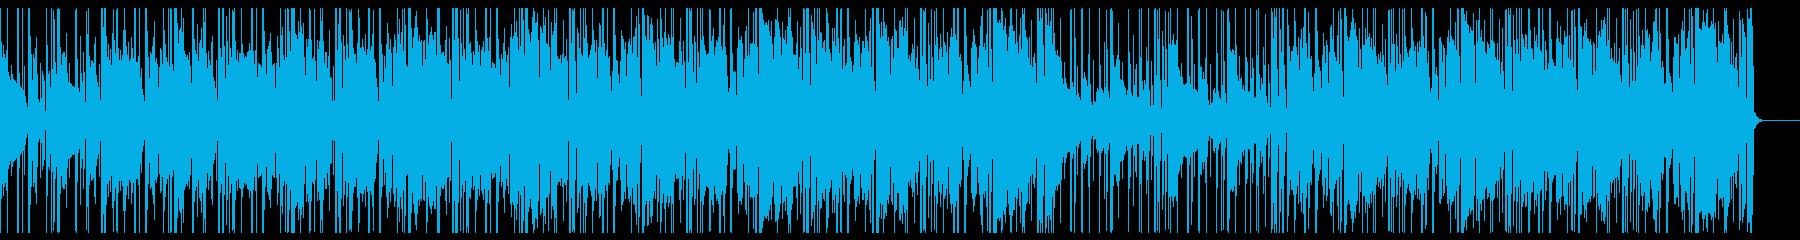 洗練された都会のネオン・大人お洒落な曲の再生済みの波形